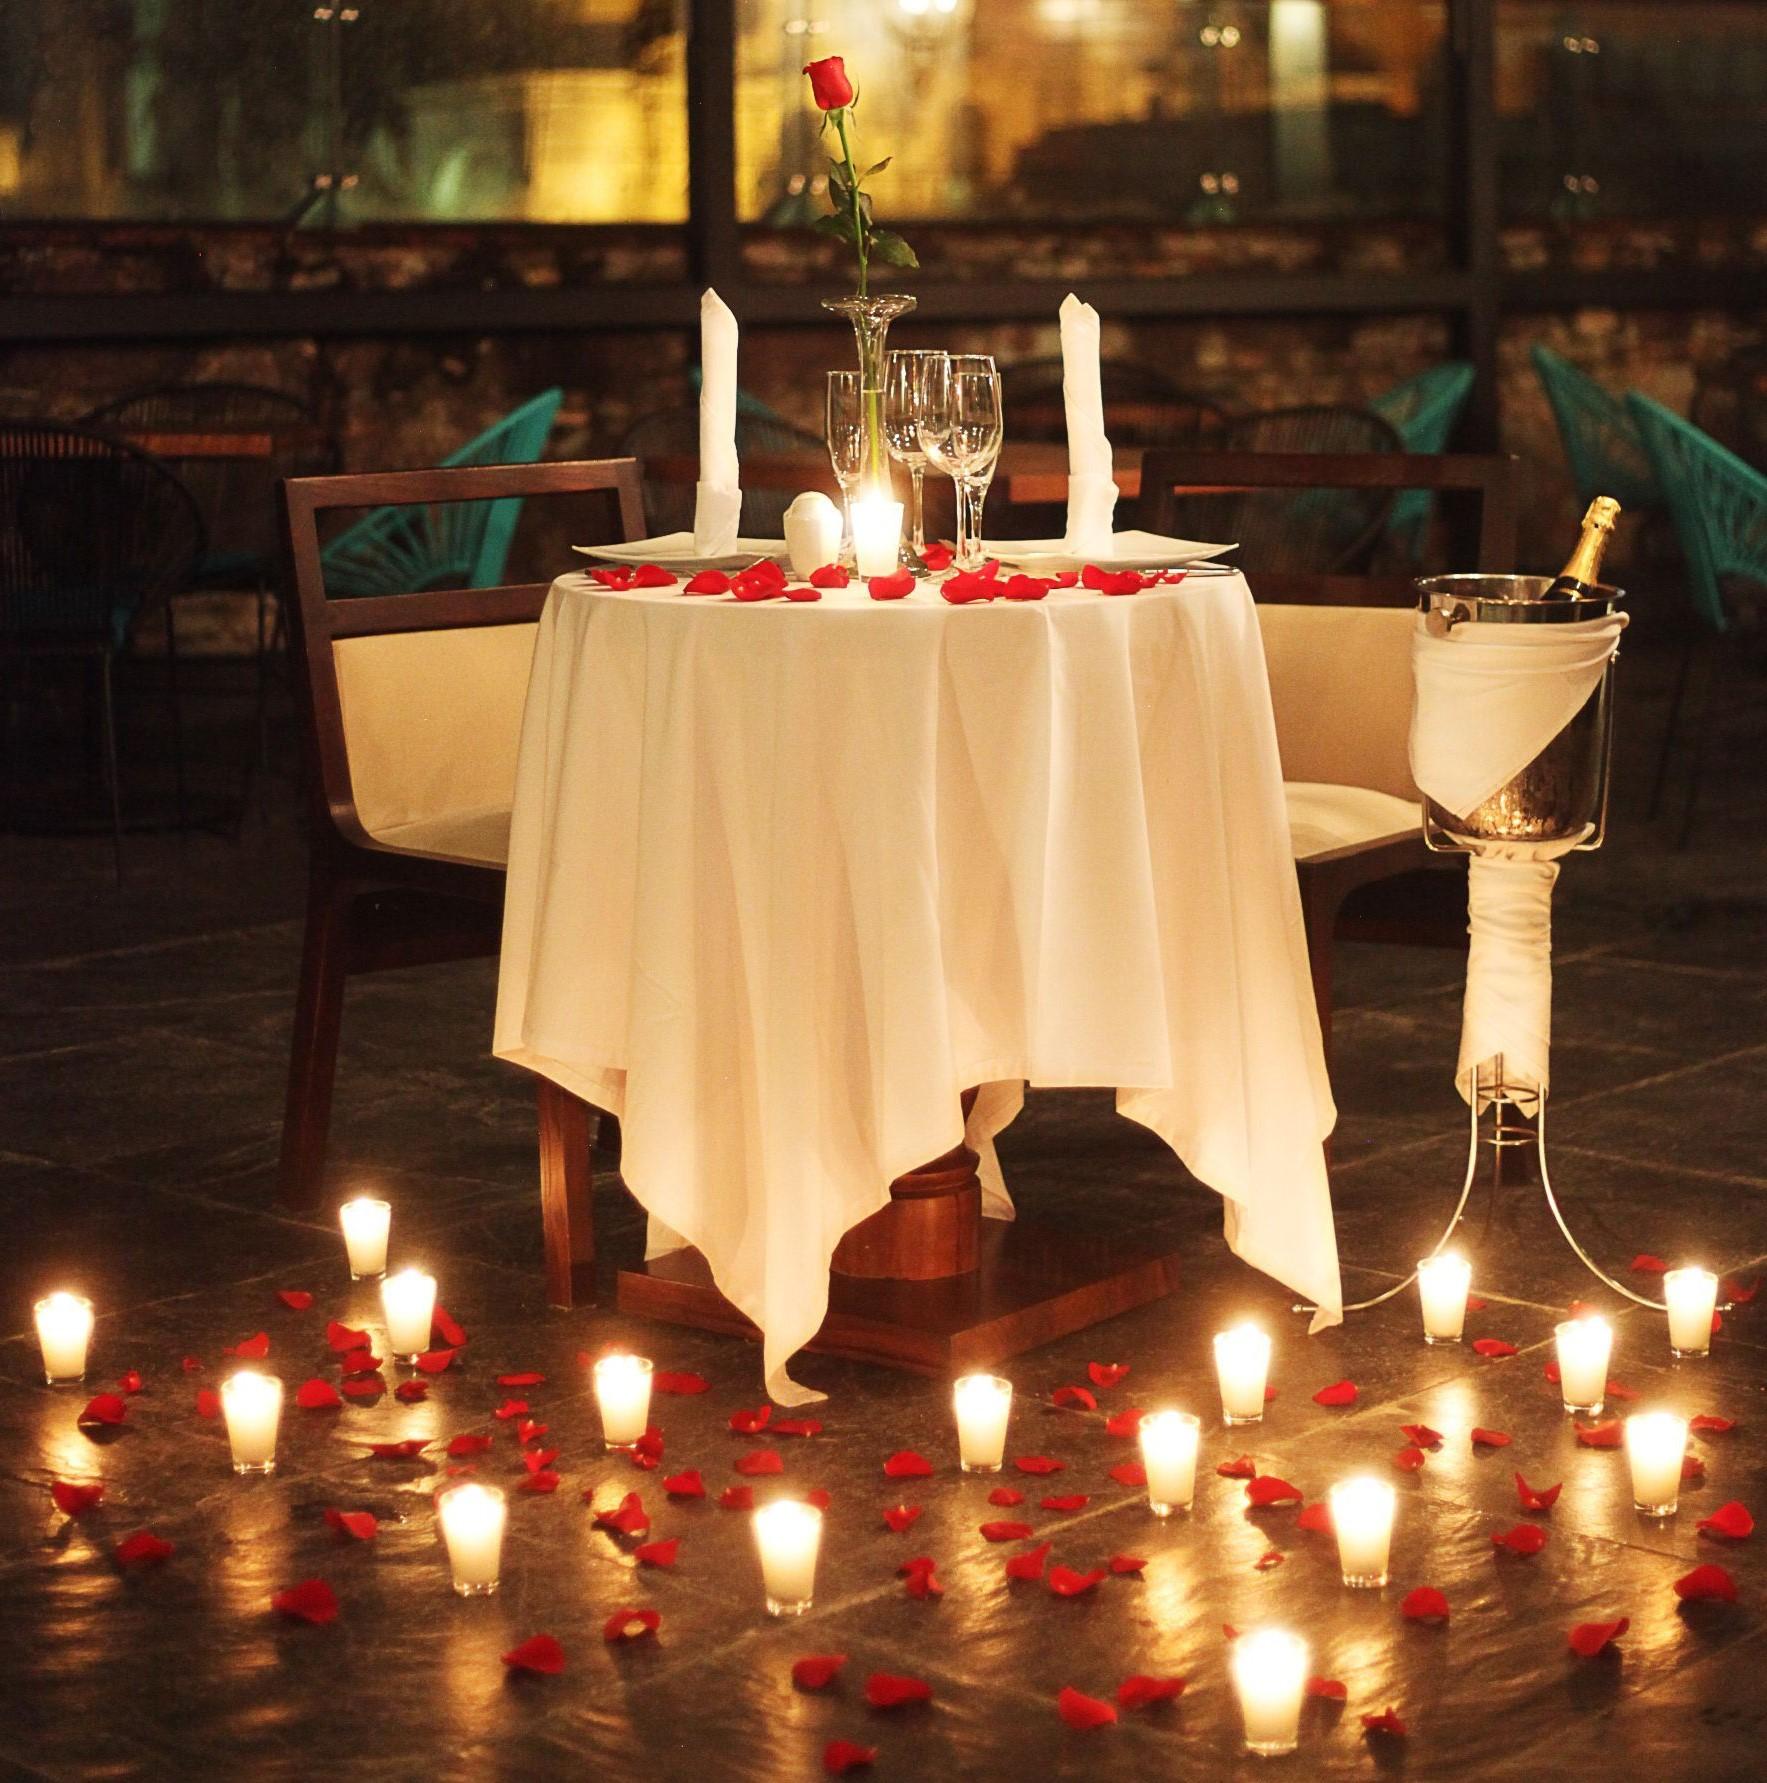 Décoration romantique avec des bougies pour la Saint-Valentin.